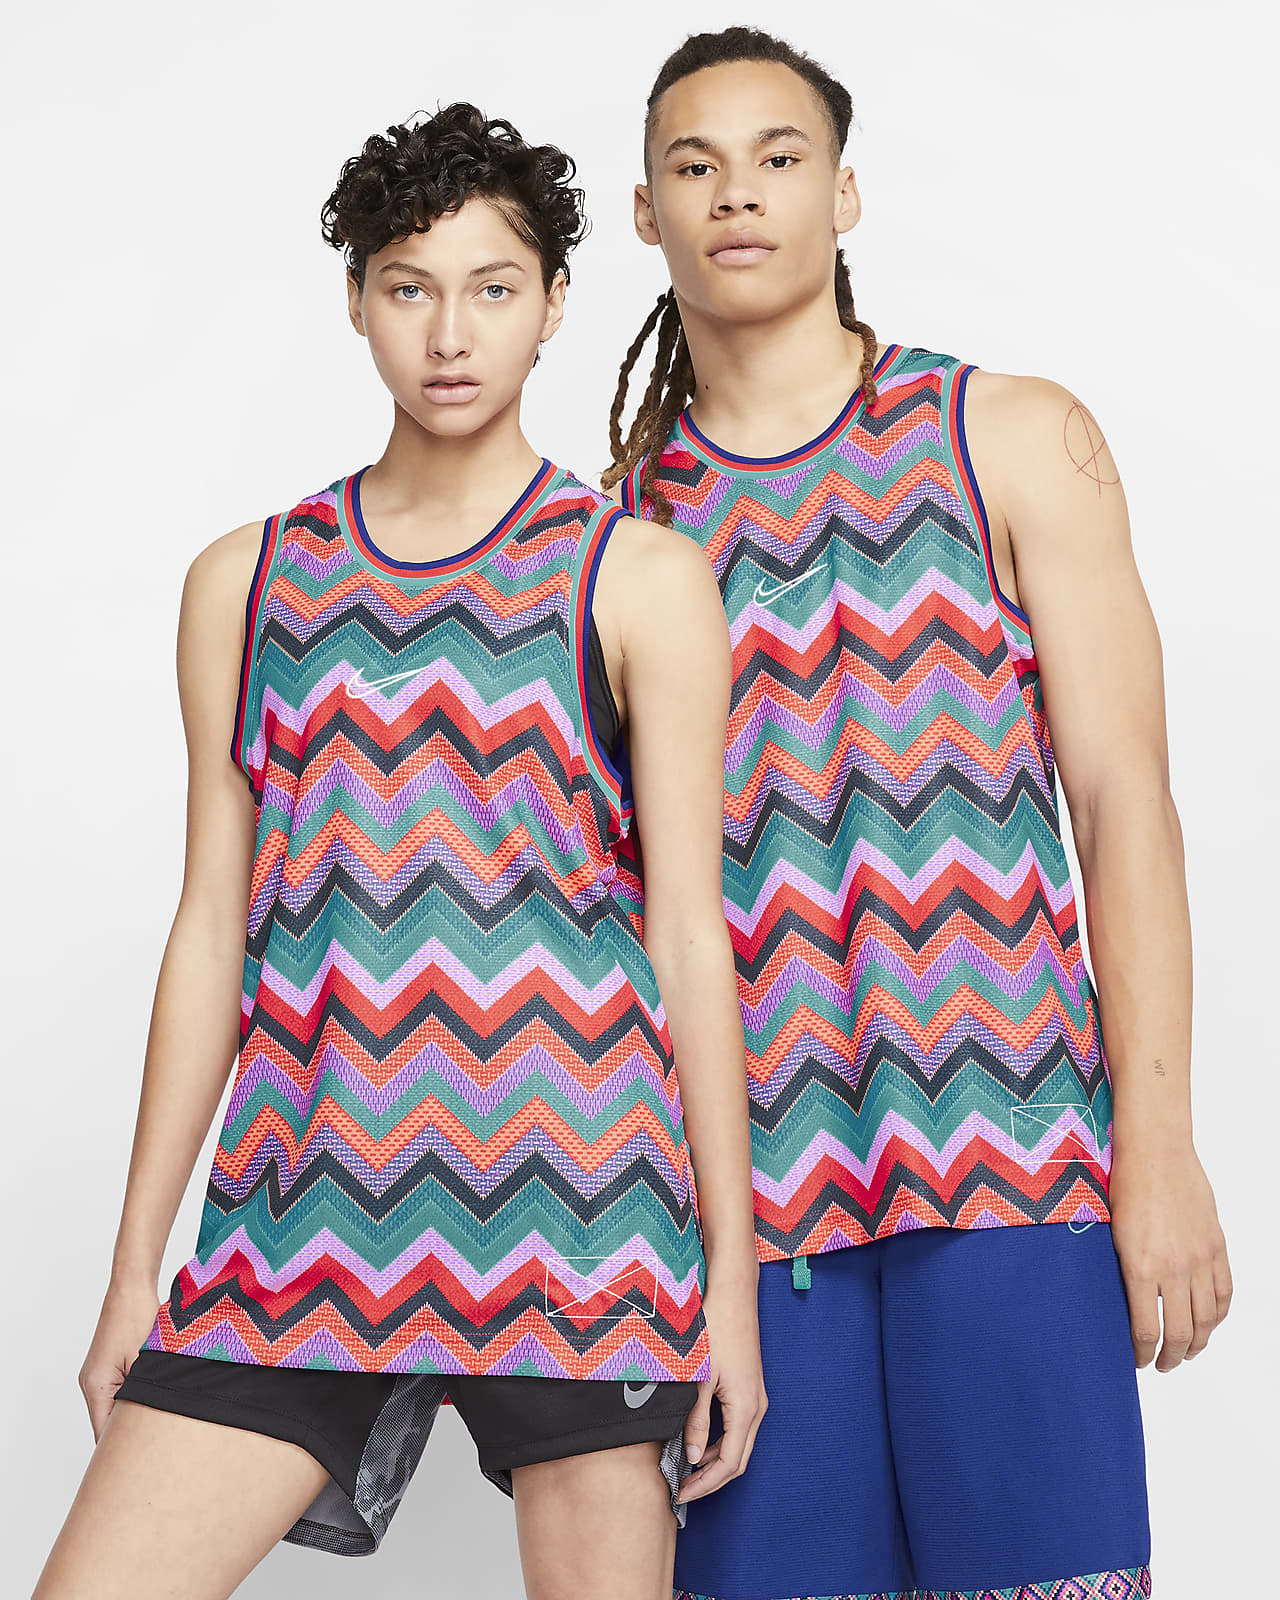 Nike Dri-FIT Basketball Jersey